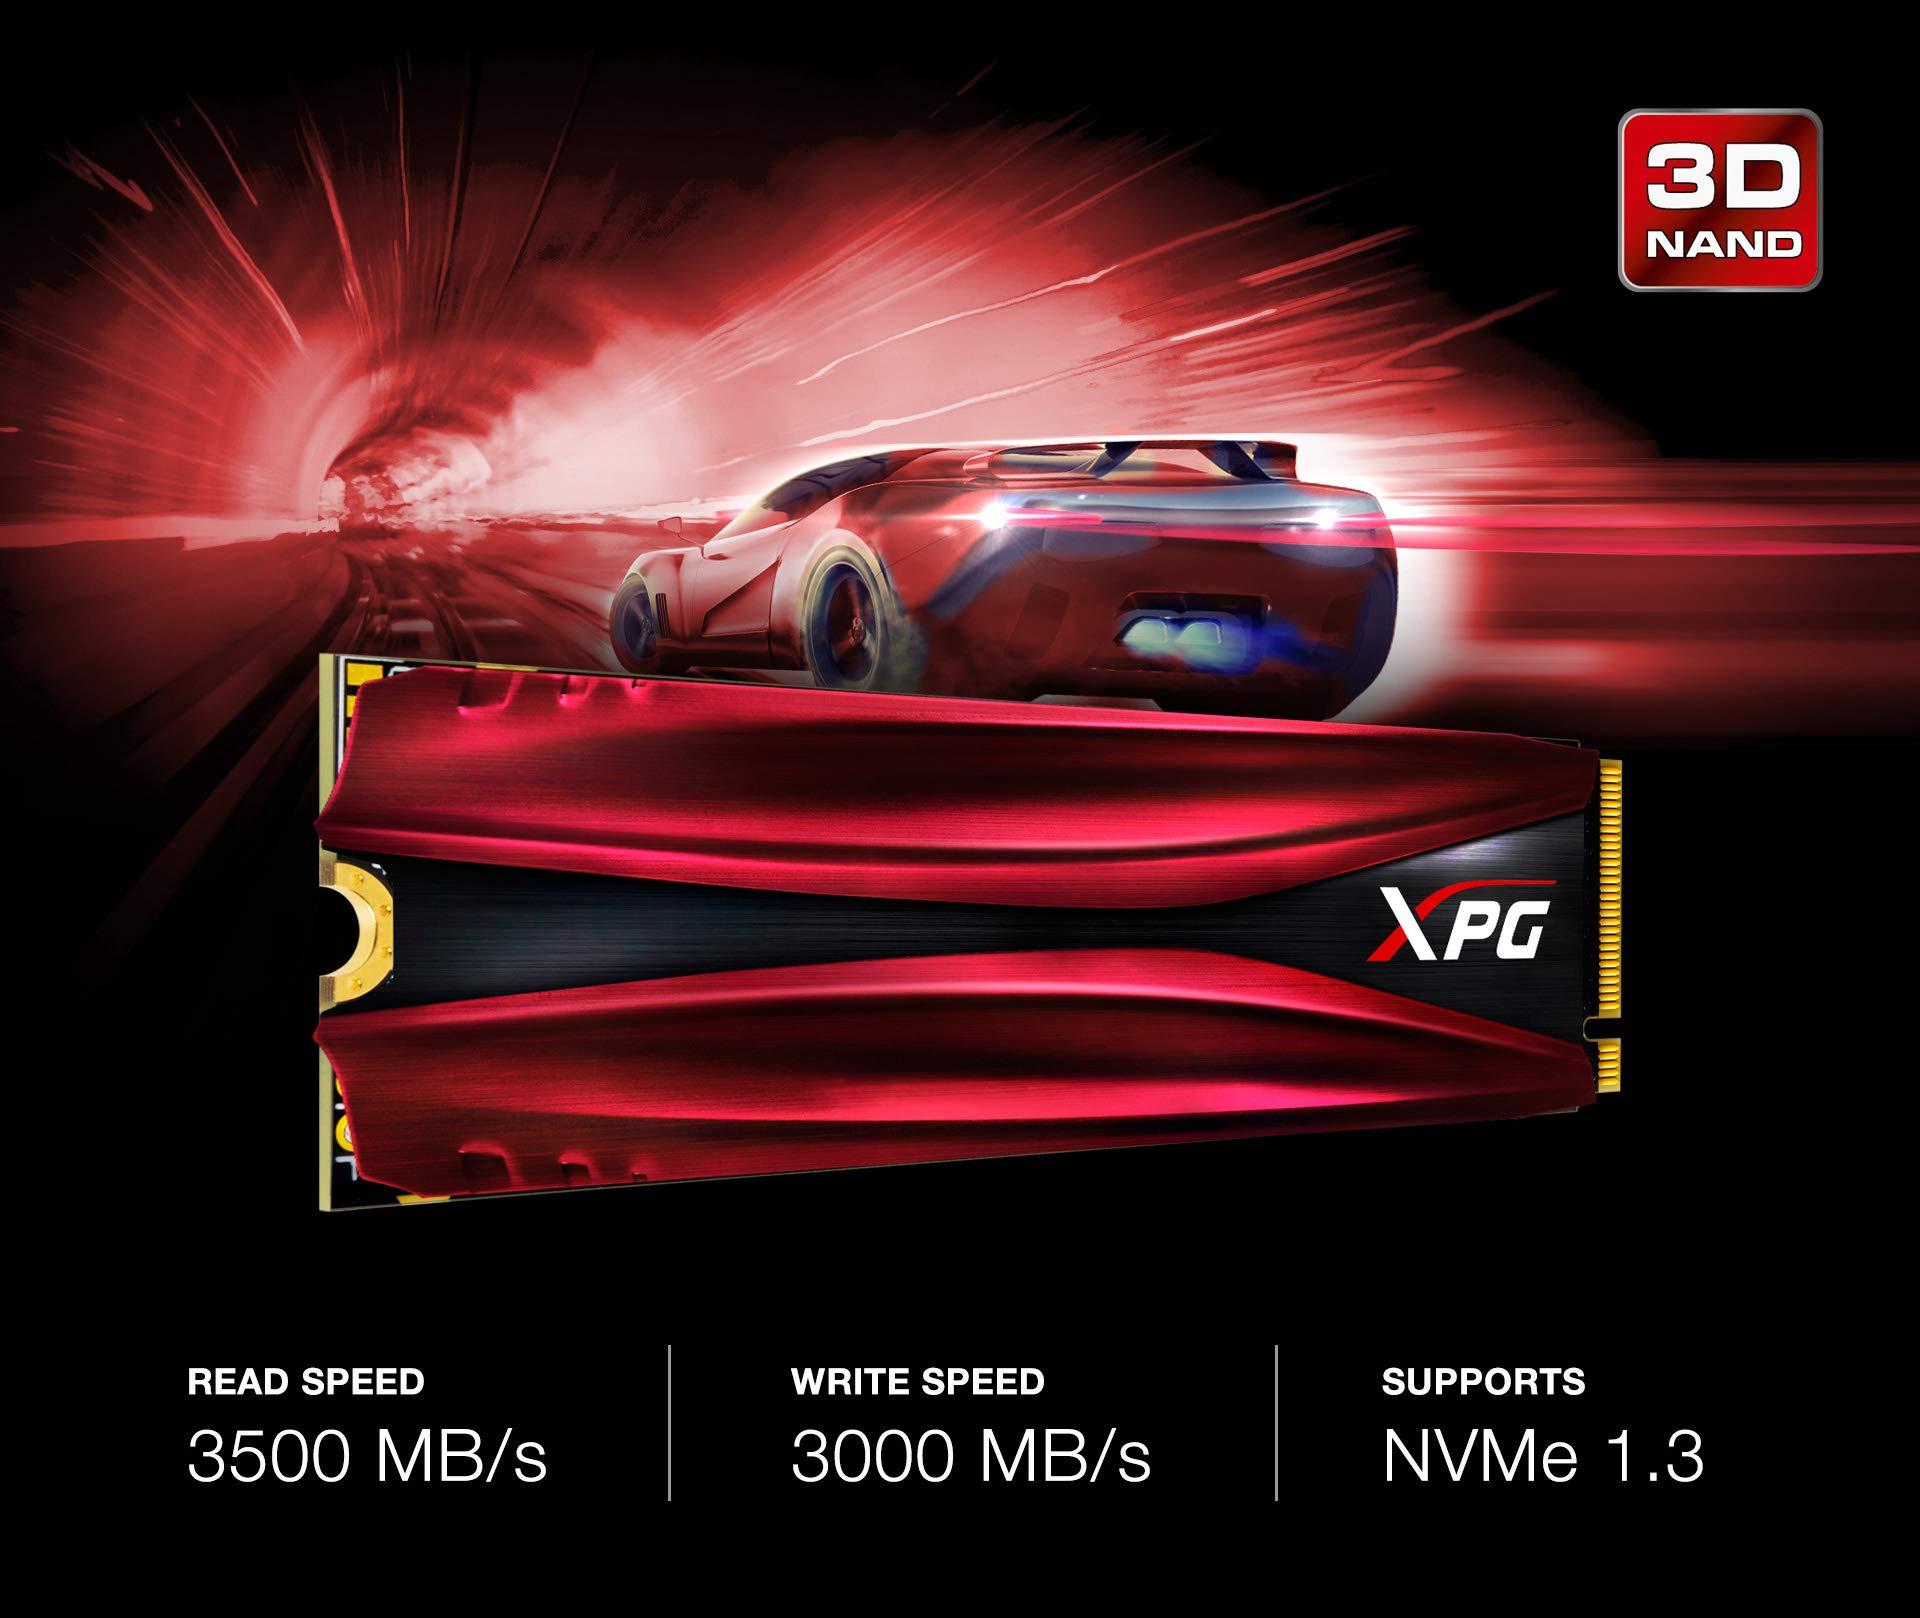 XPG GAMMIX 1TB S11 Pro 3D NAND PCIe NVMe Gen3x4 M.2 2280 SSD (AGAMMIXS11P-1TT-C) by XPG (Image #4)